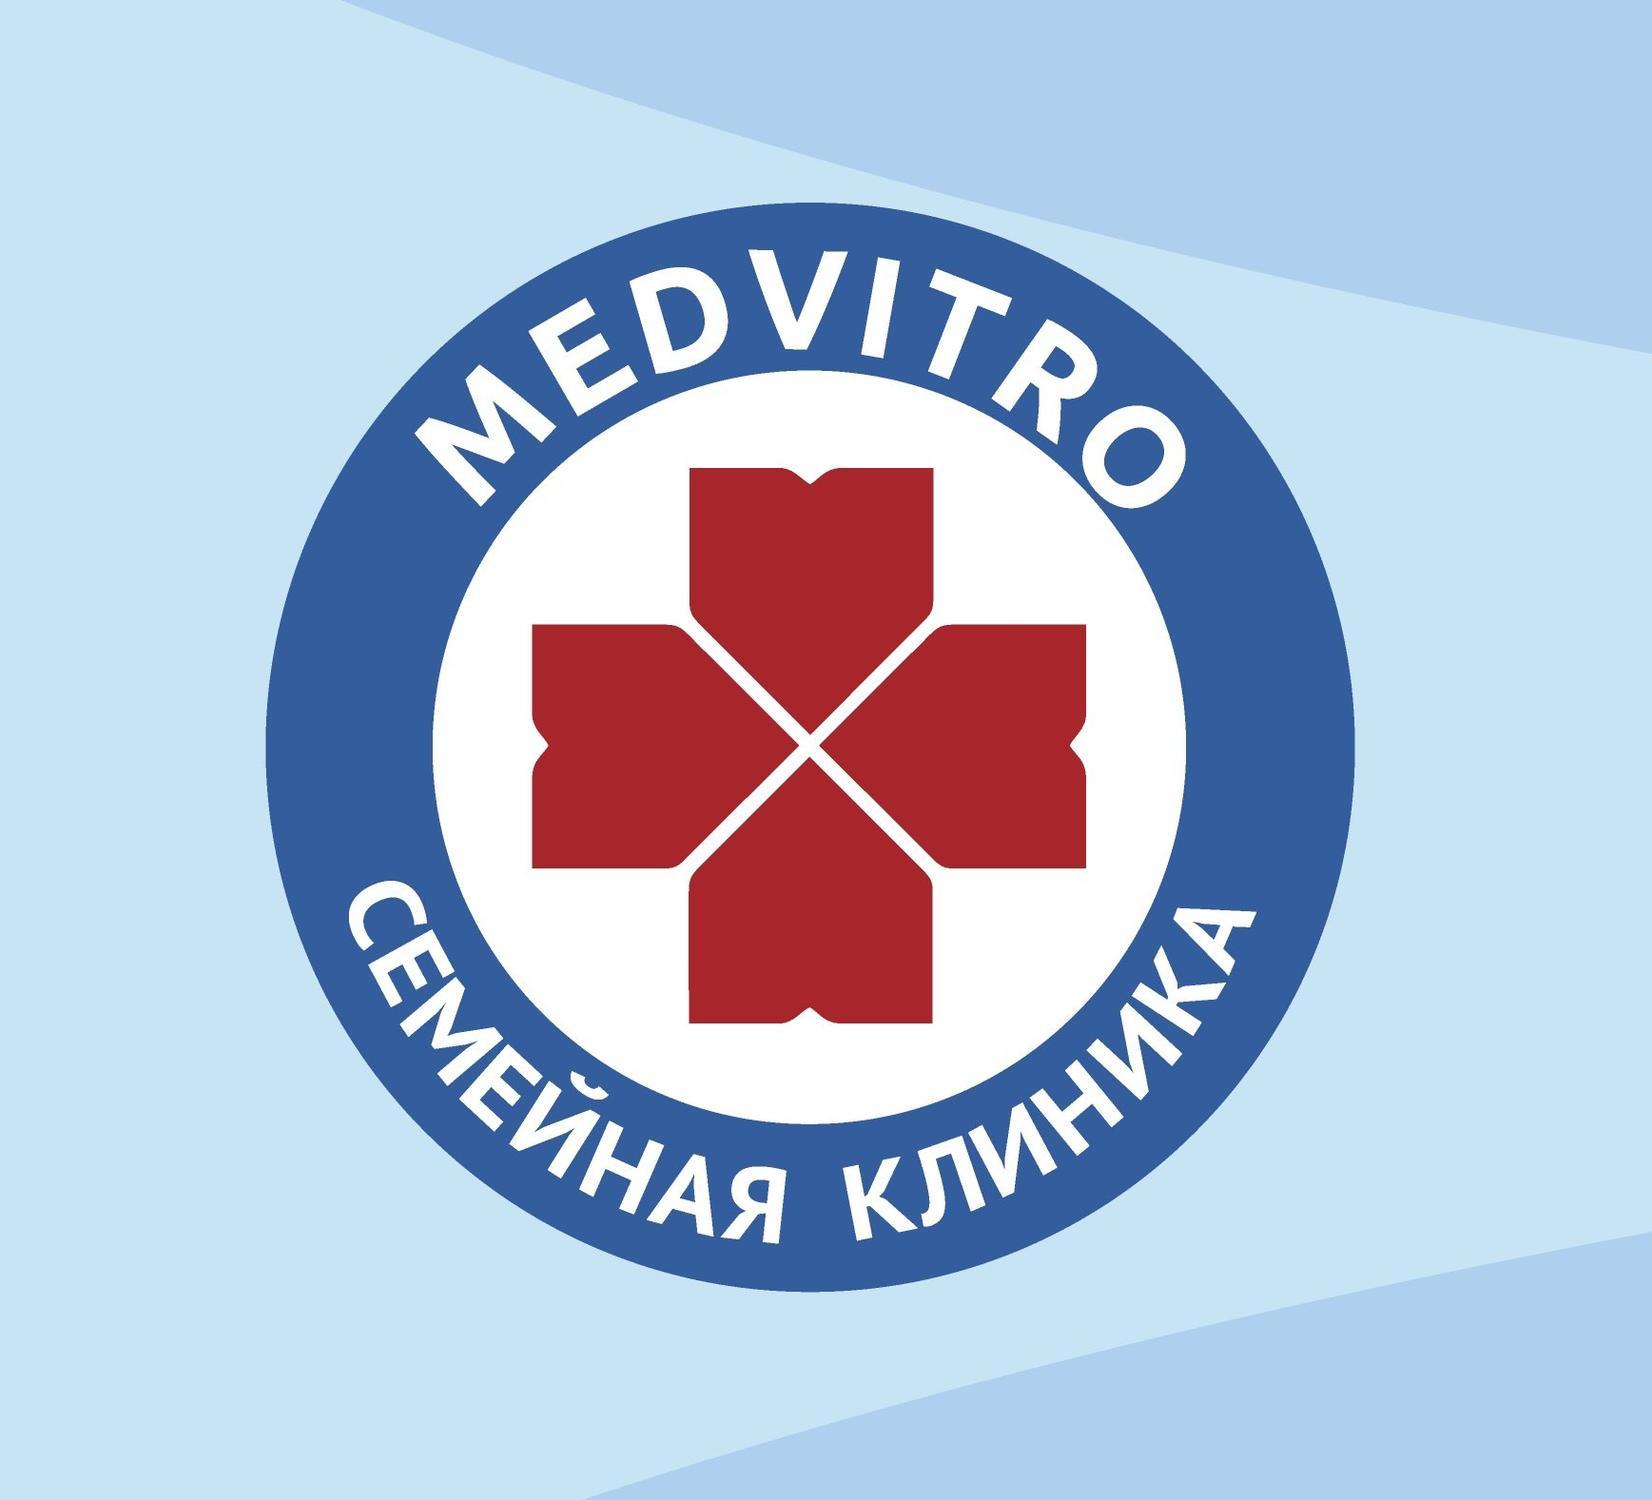 фотография Медицинского центра МедВитро, взрослое отделение в Красногорске